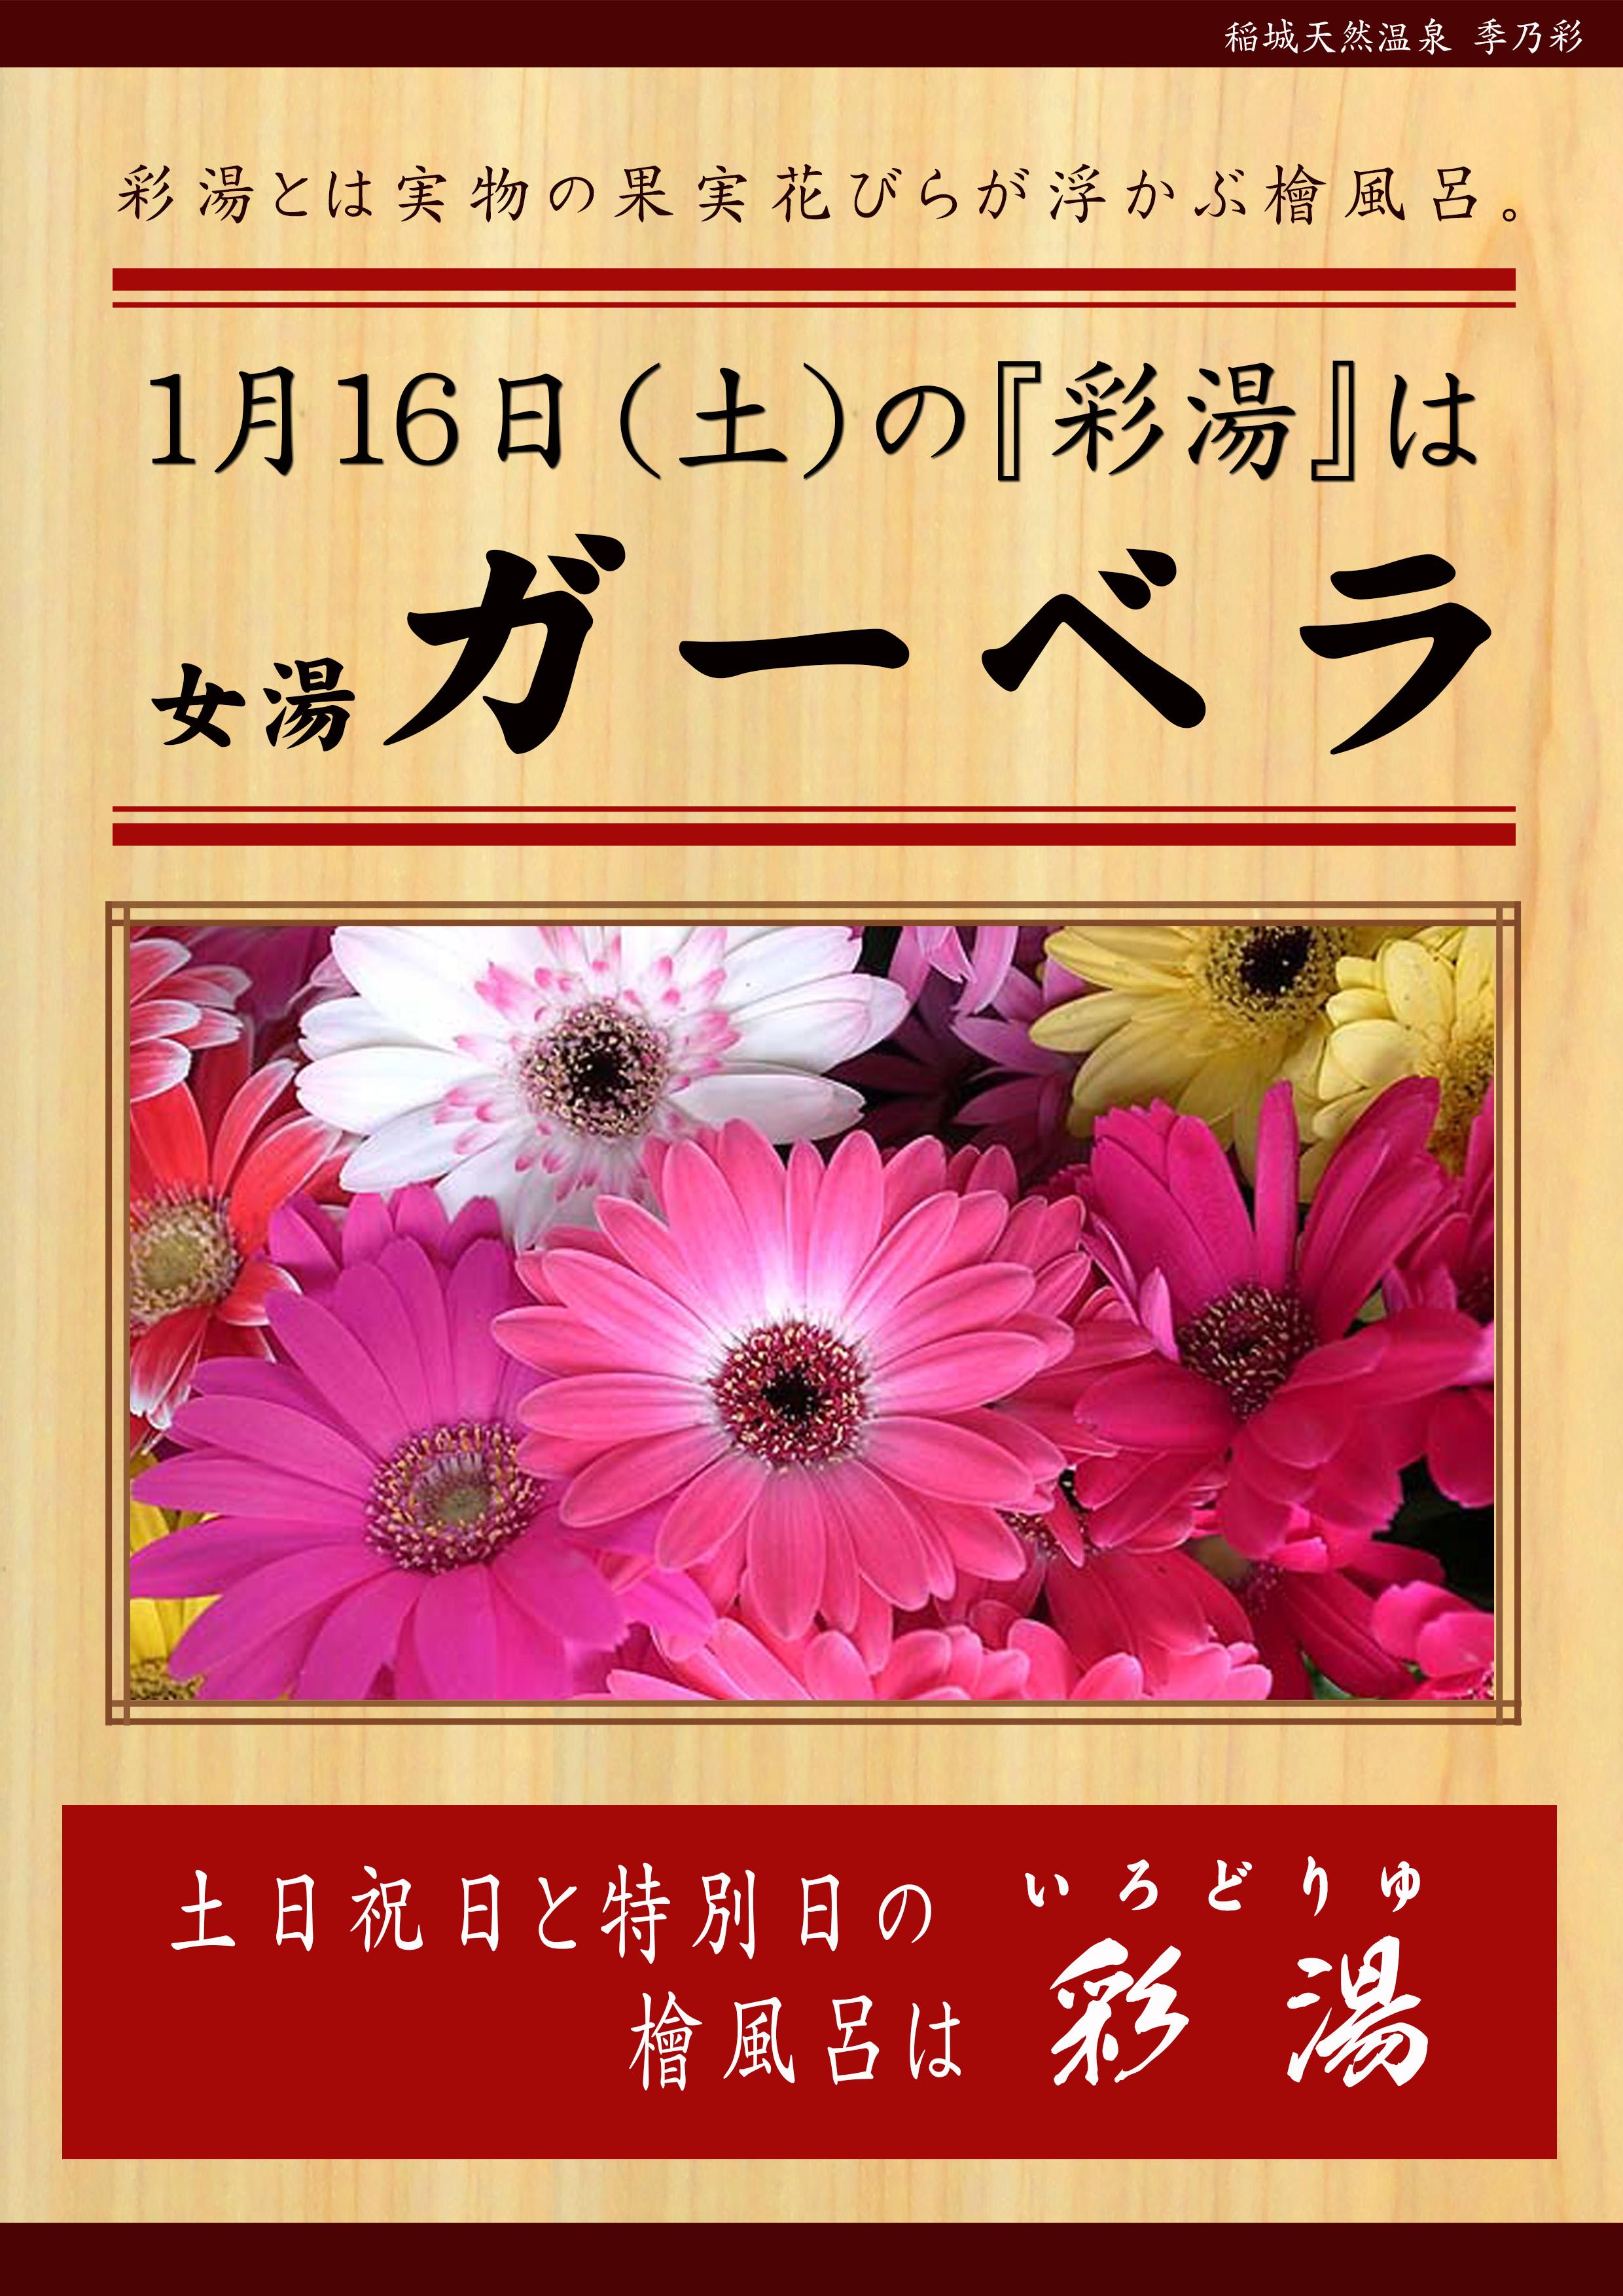 210116彩湯 女湯 ガーベラ